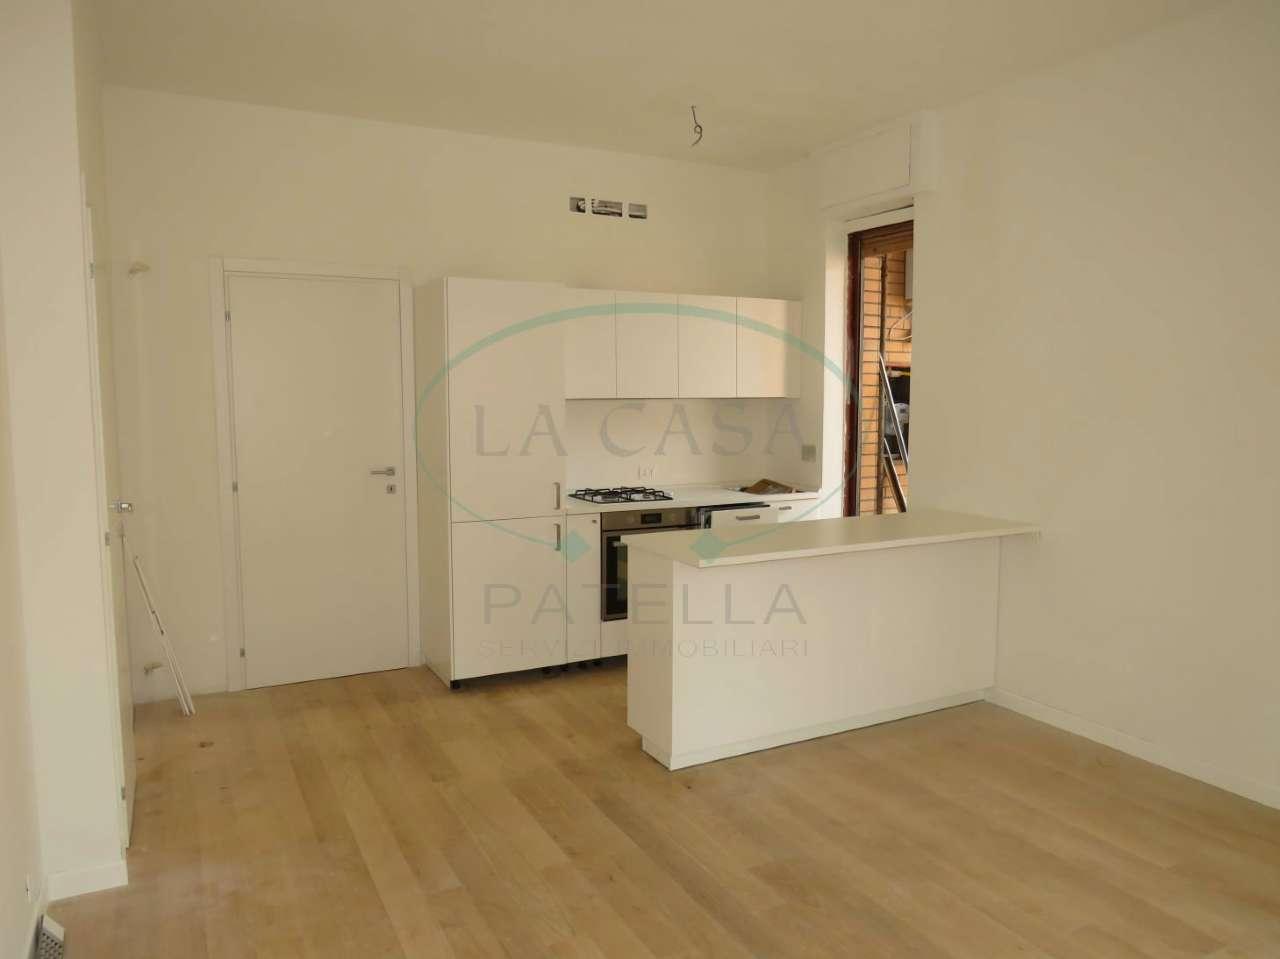 Appartamento in Affitto a Milano 30 Niguarda / Bovisasca / Testi / Bruzzano / Affori / Comasina: 2 locali, 60 mq